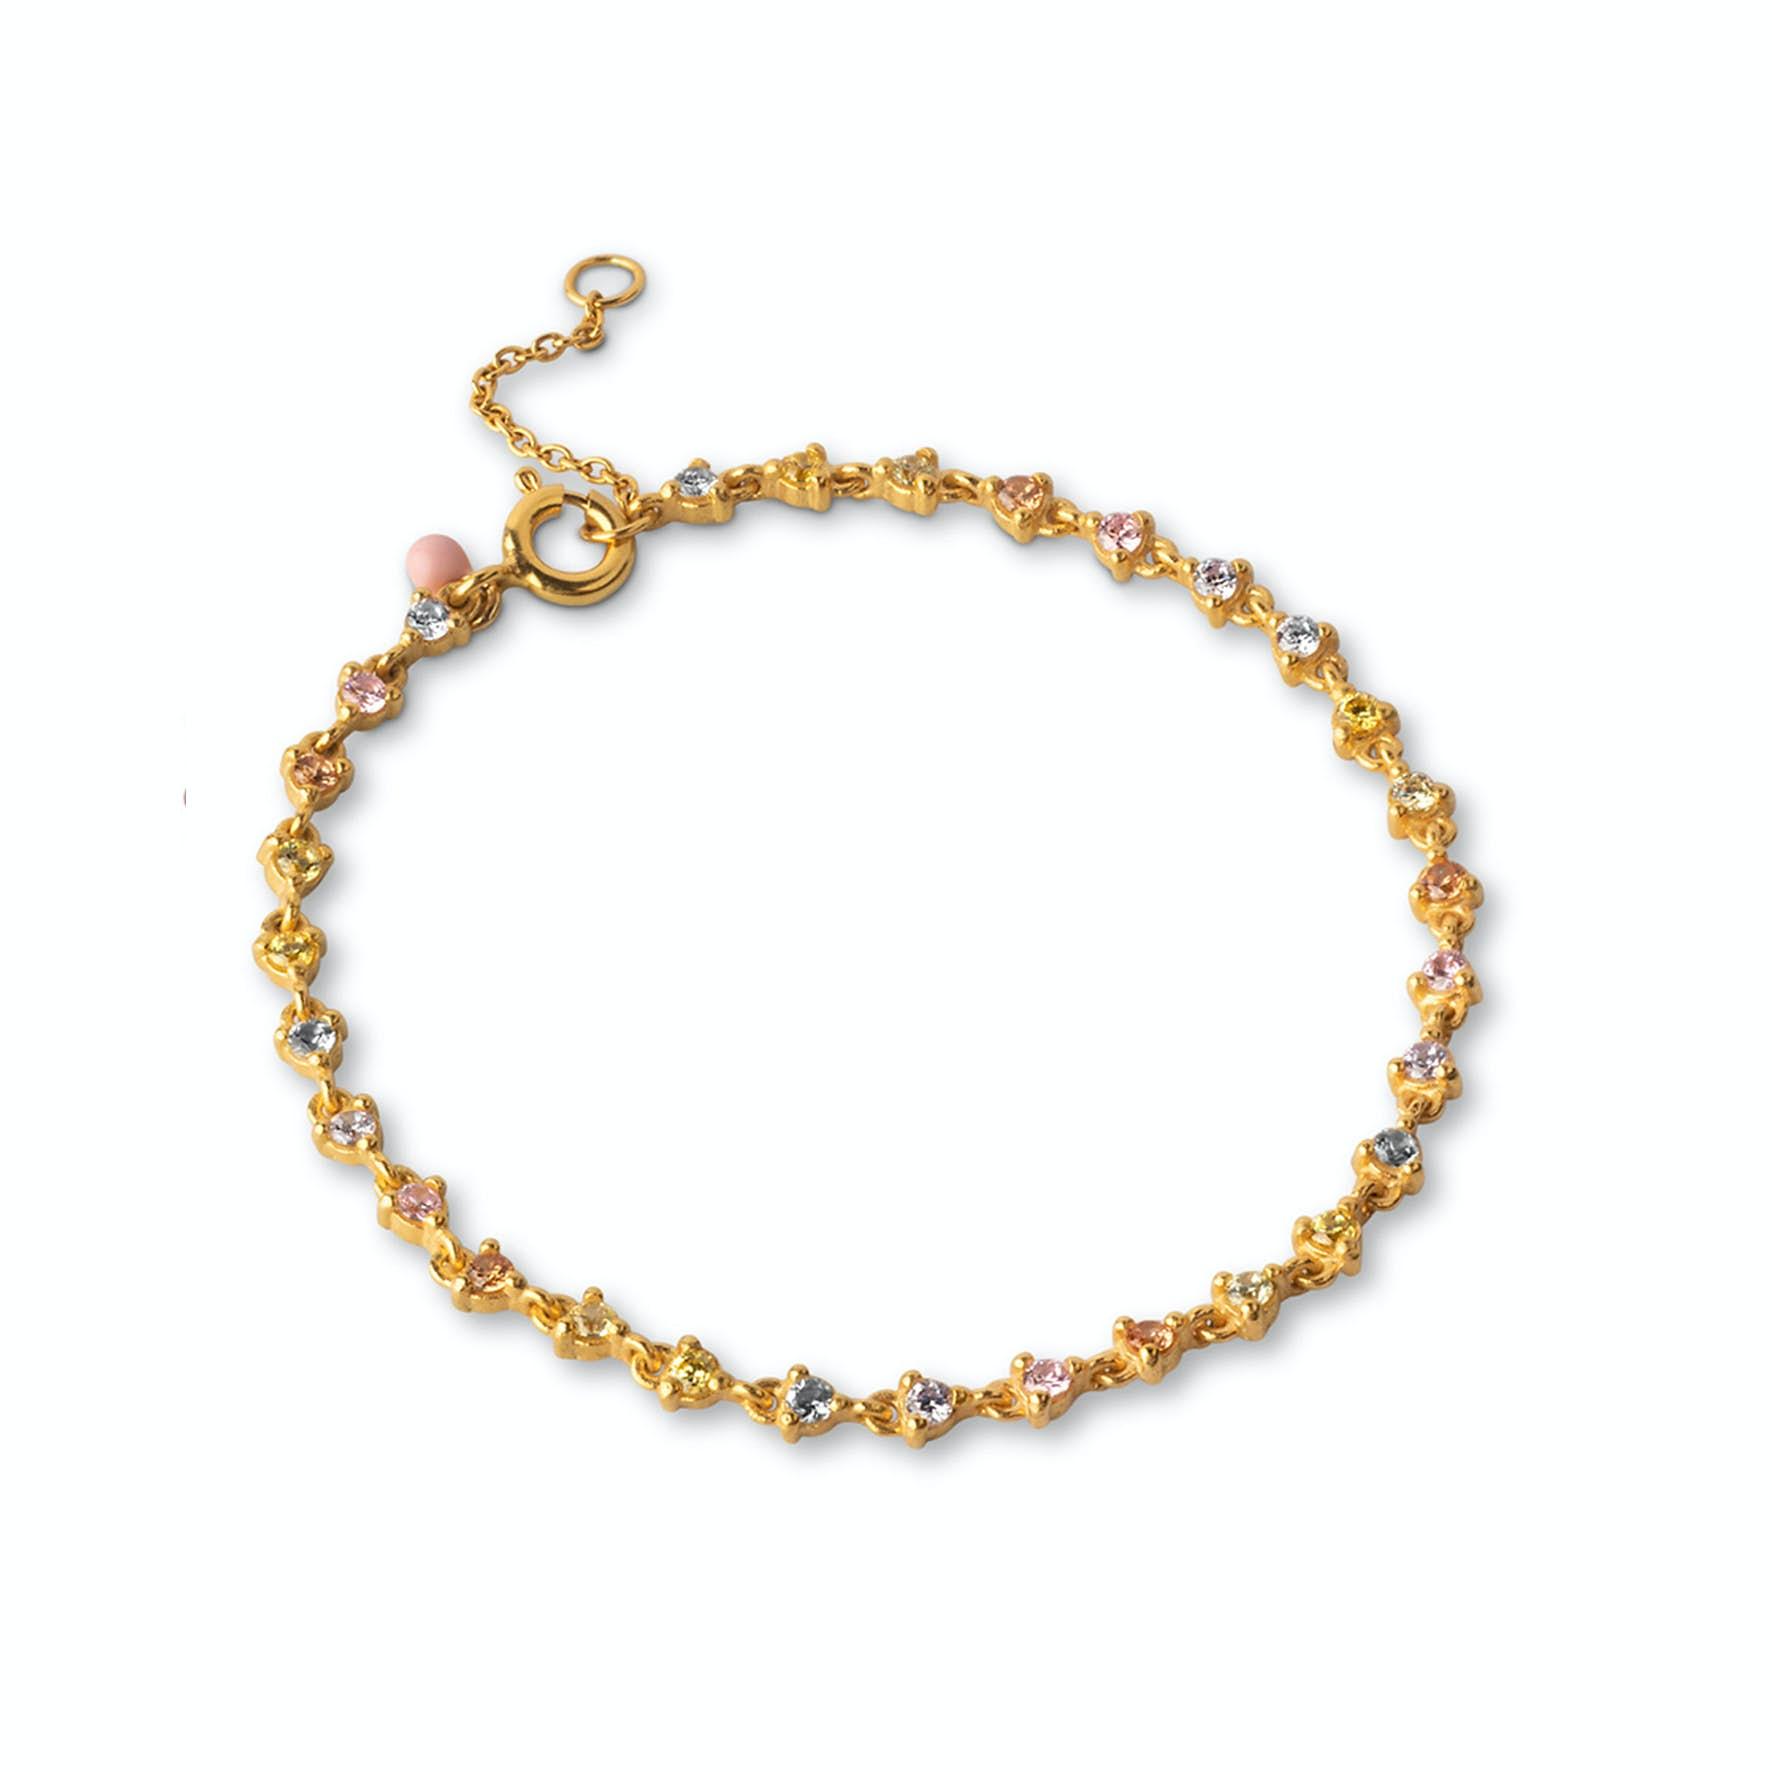 Luella Bracelet Rainbow fra Enamel Copenhagen i Forgyldt-Sølv Sterling 925